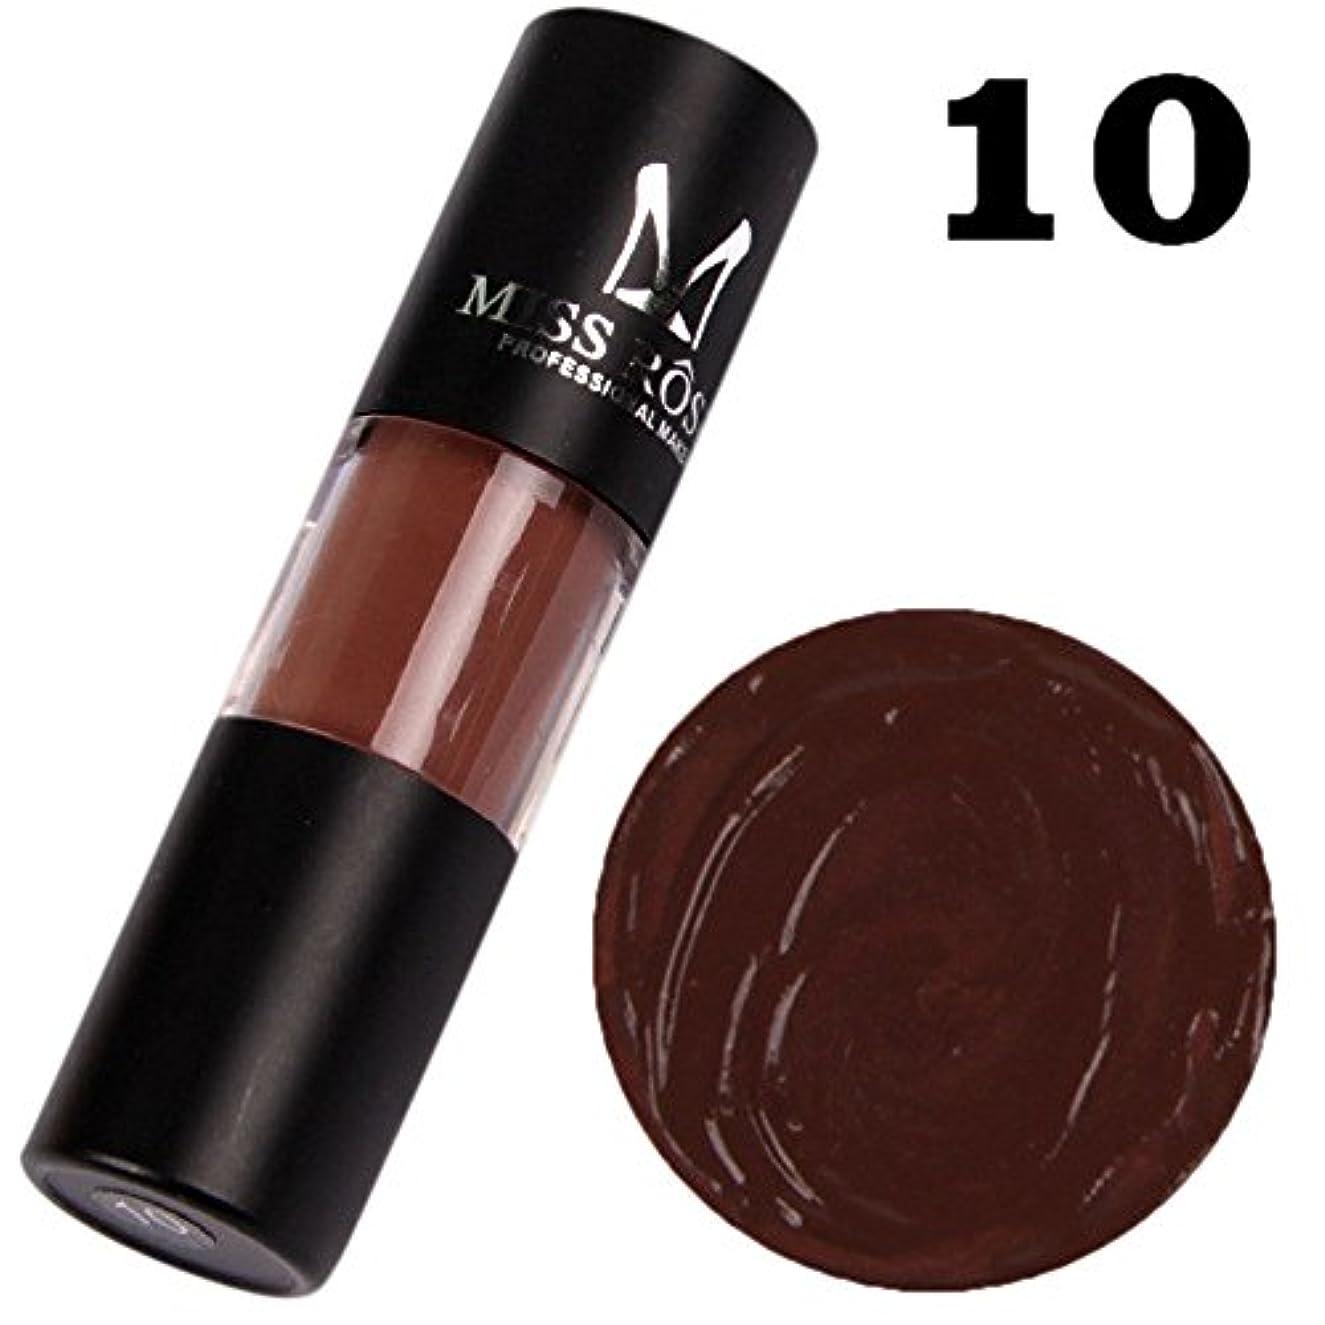 小売放映変装口紅 モイスチャライザー リキッド ベルベット リップスティック 化粧品 美容 リップクリーム 若い メイク リップバーム 液体 唇に塗っっていつもよりセクシー魅力を与えるルージュhuajuan